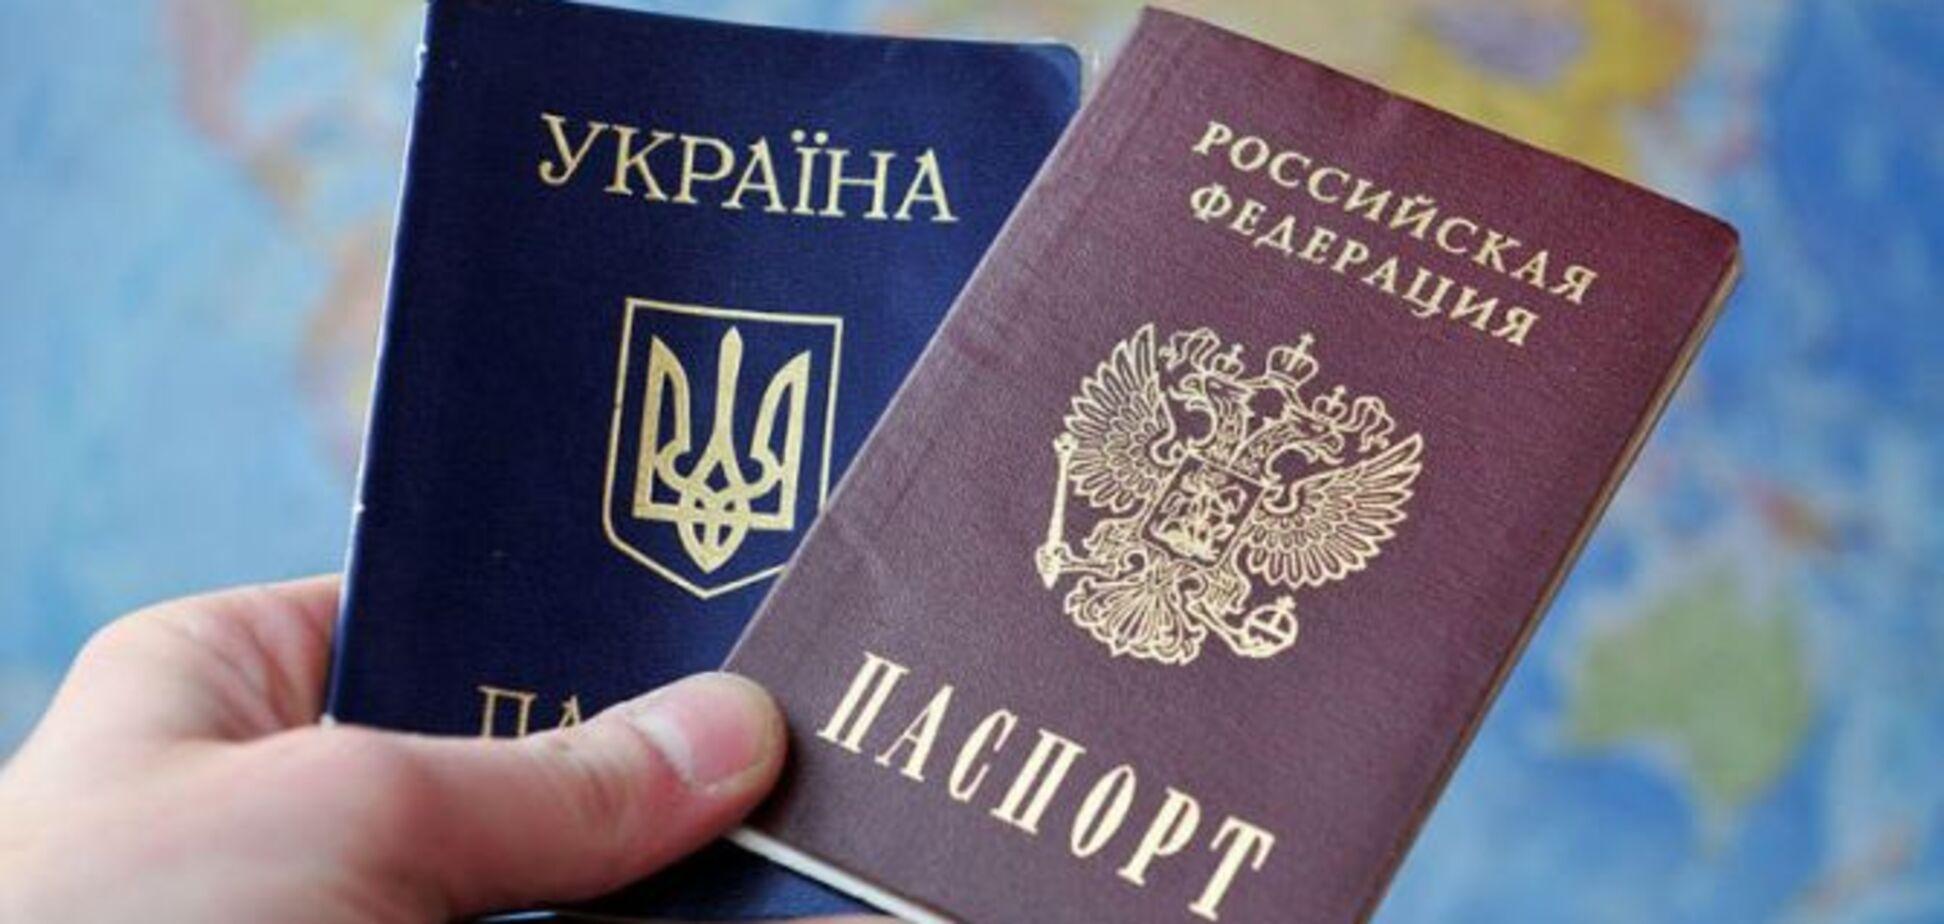 'Годный бизнес': блогер показал, как в Крыму торгуют российским гражданством